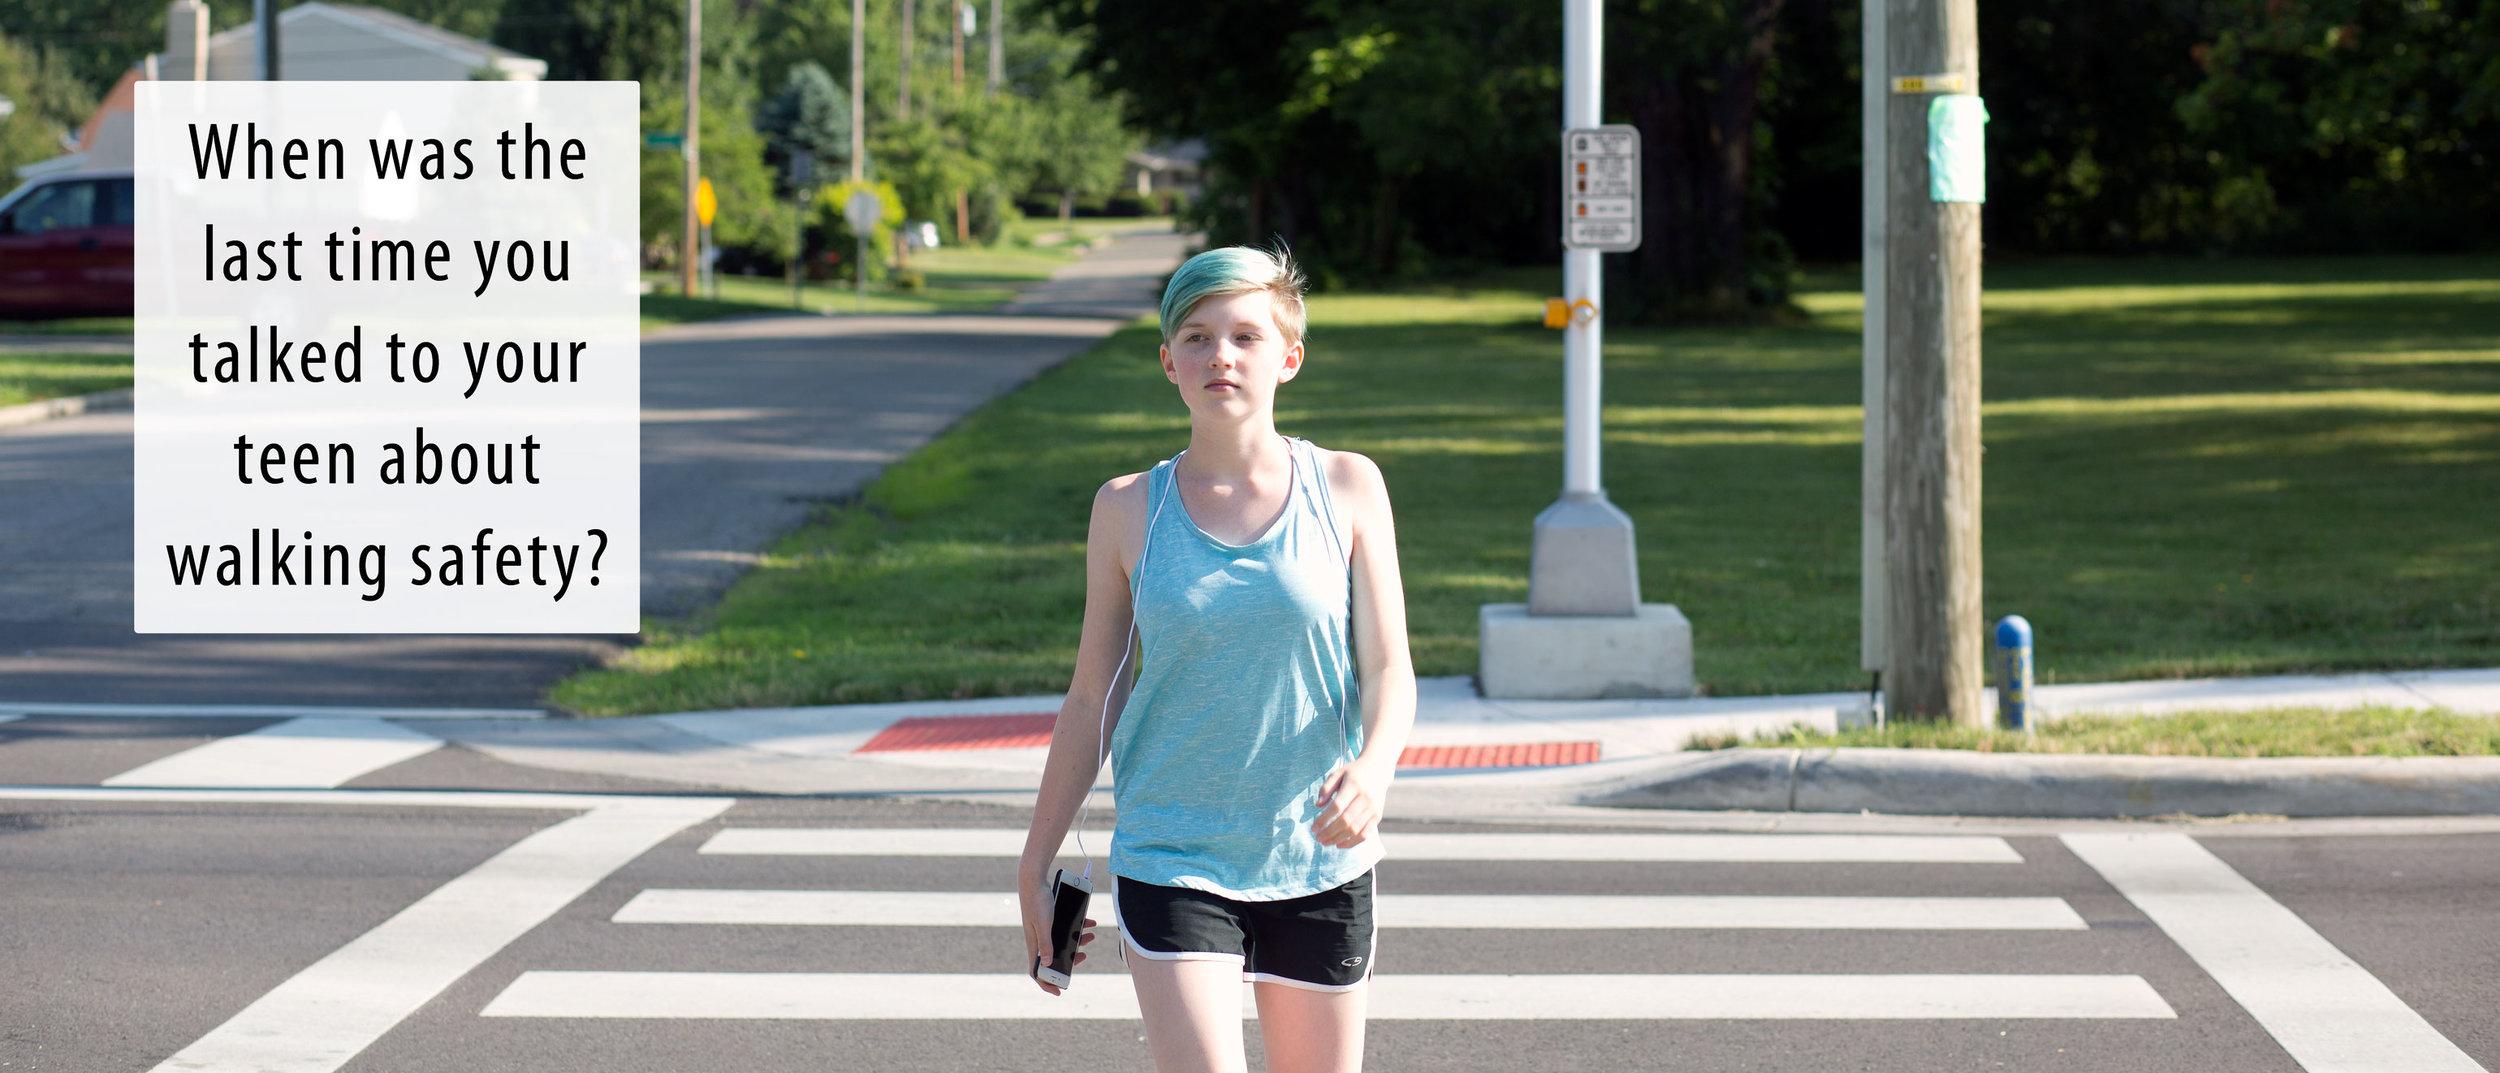 teen-pedestrian-safety-toolkit-header-photo.jpg